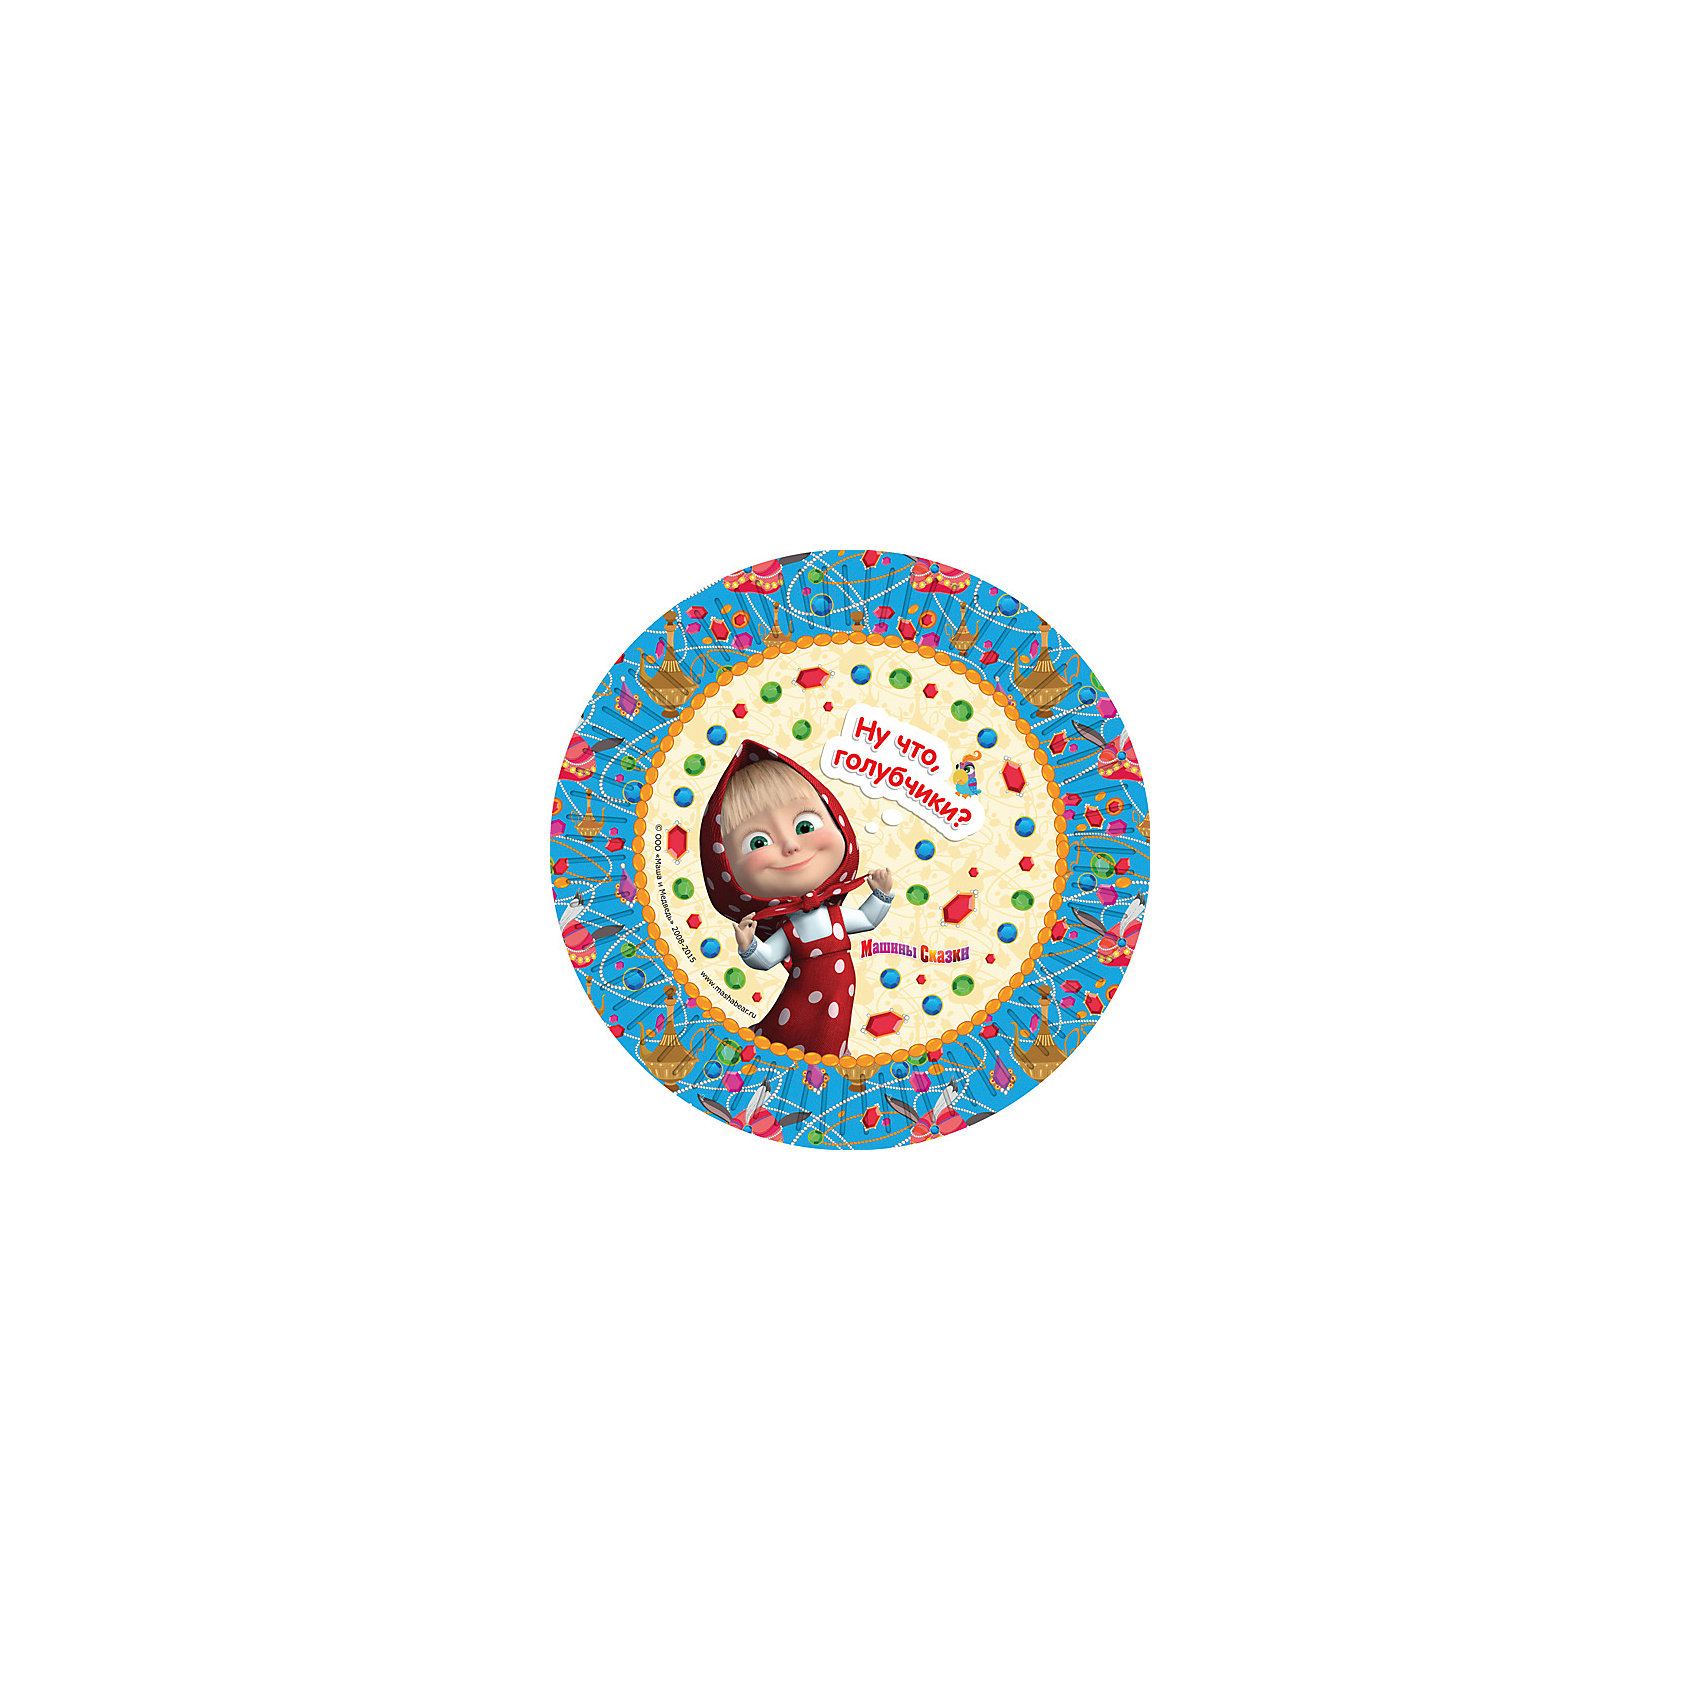 Росмэн Набор тарелок Машины сказки (23 см, 6 шт) маша и медведь колпак машины сказки 6 шт